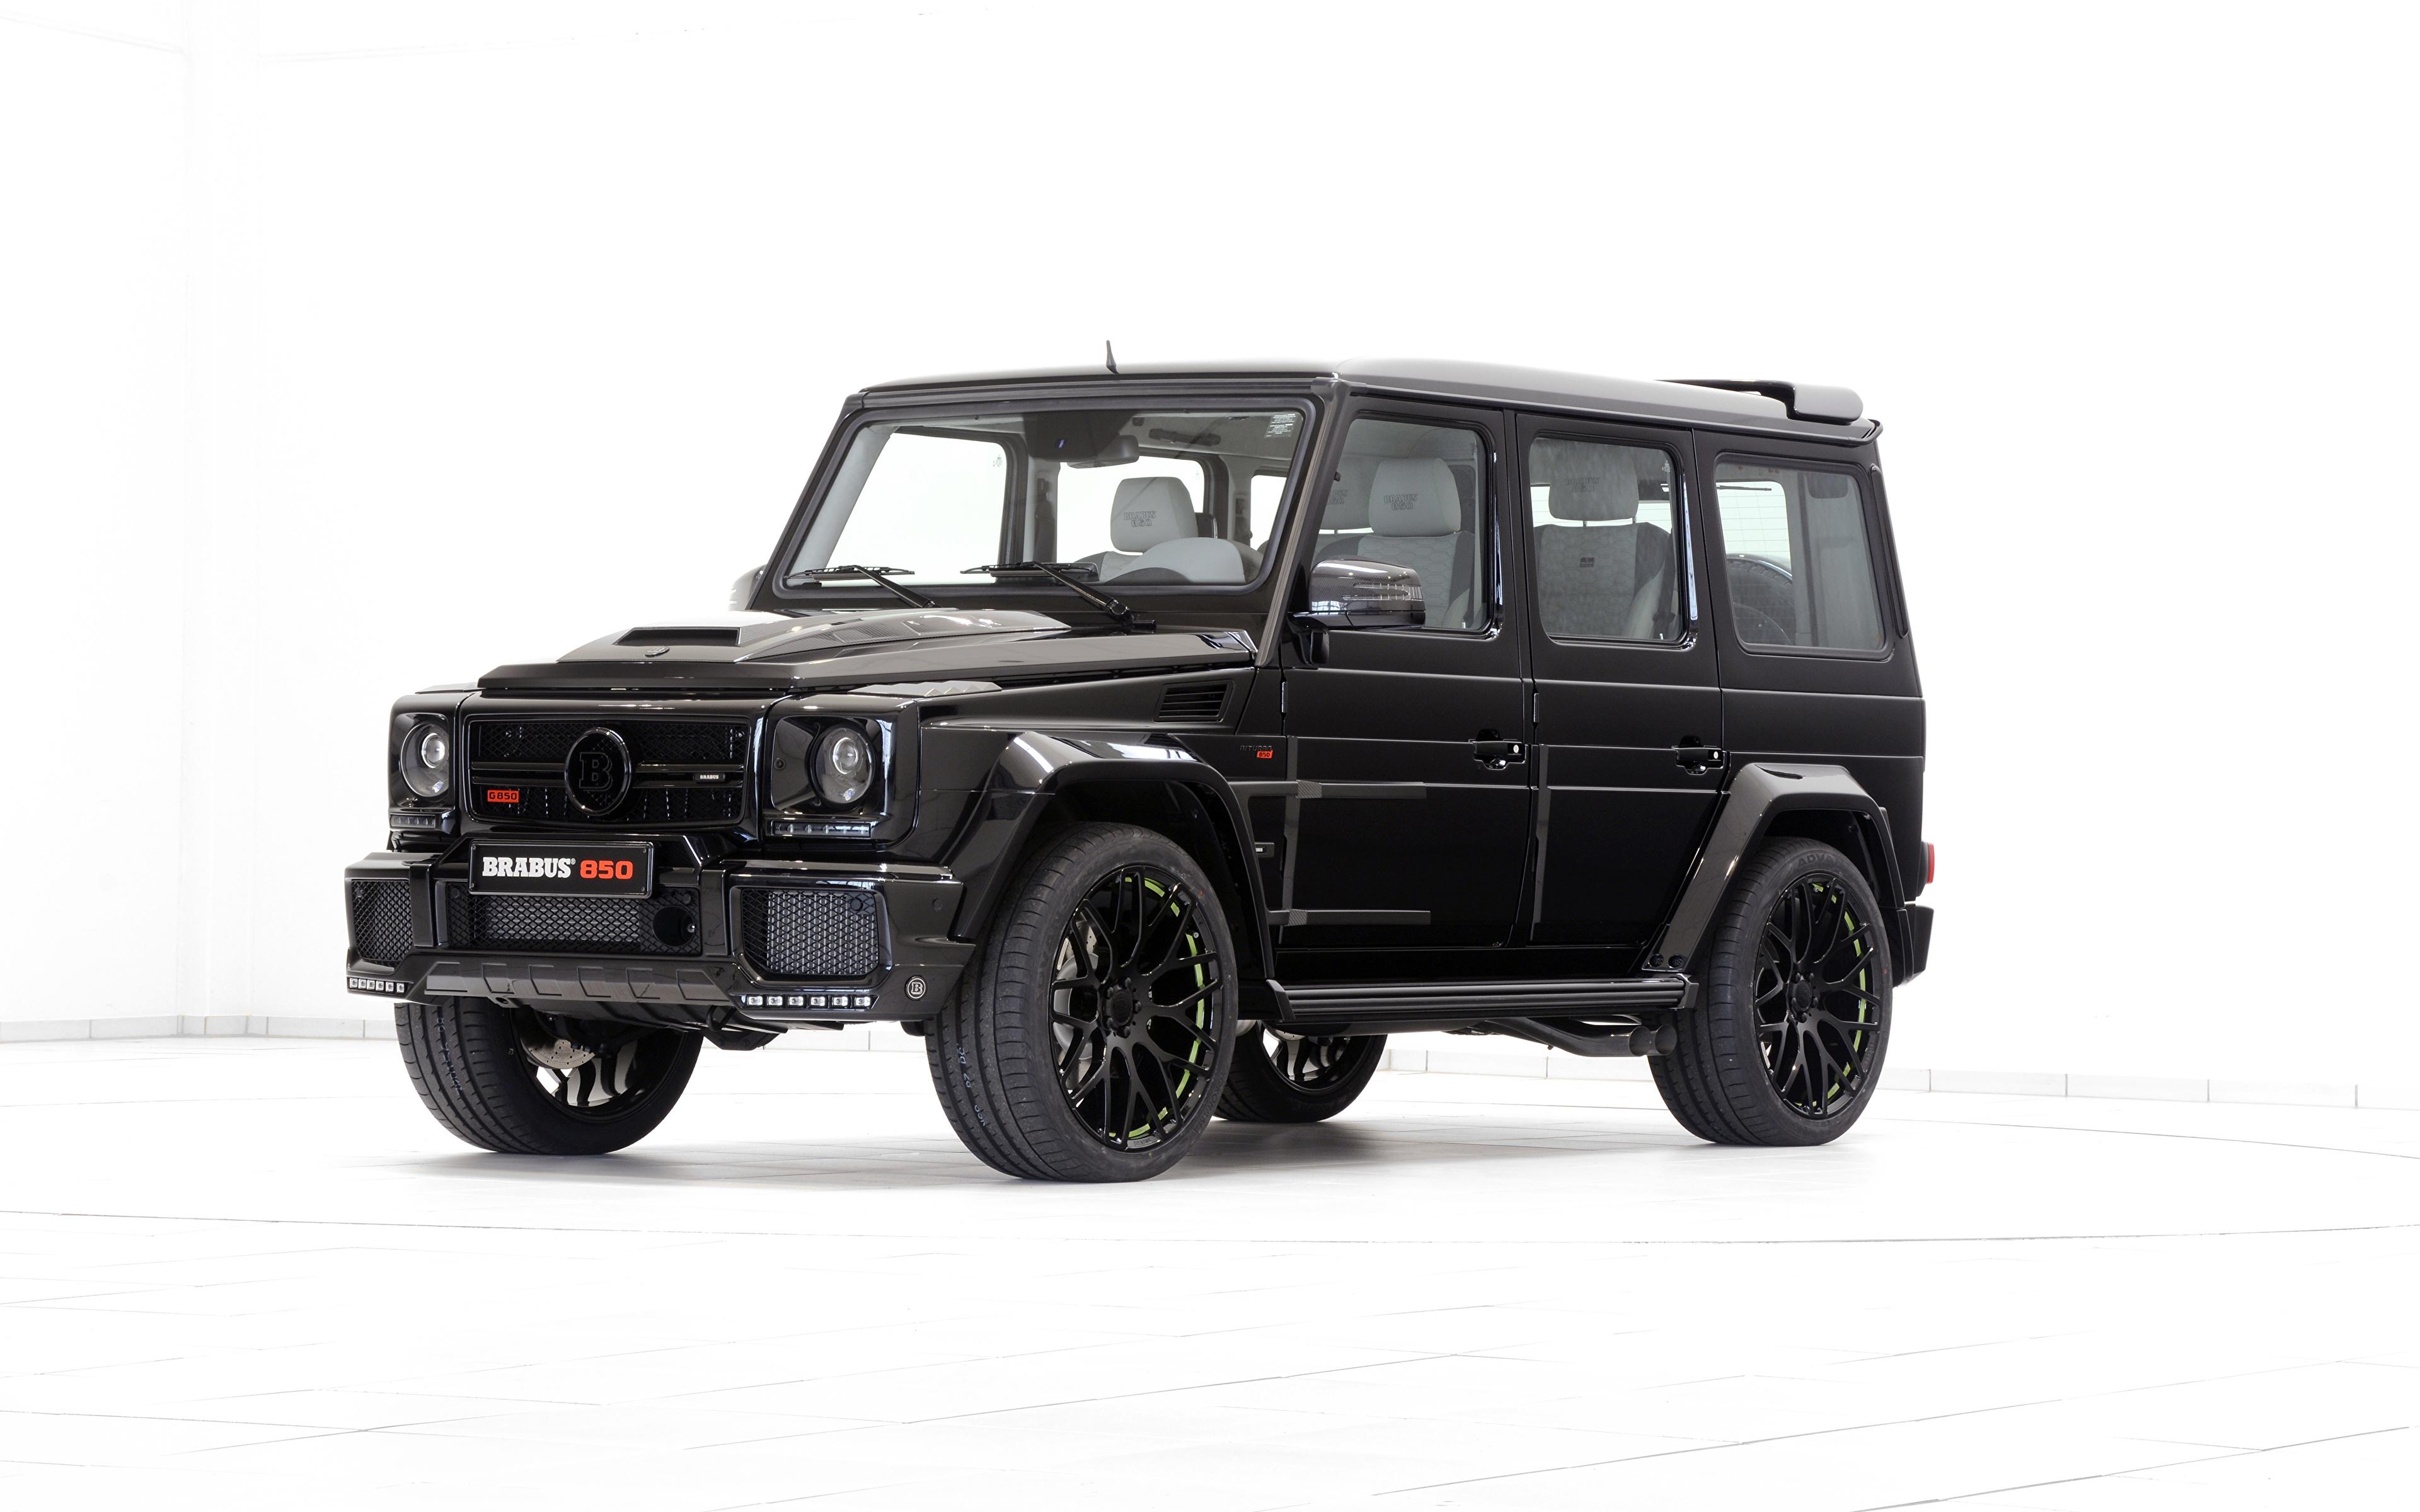 Фотография Mercedes-Benz G-класс W463 черных Автомобили 3840x2400 Мерседес бенц Гелентваген Черный черные черная авто машина машины автомобиль